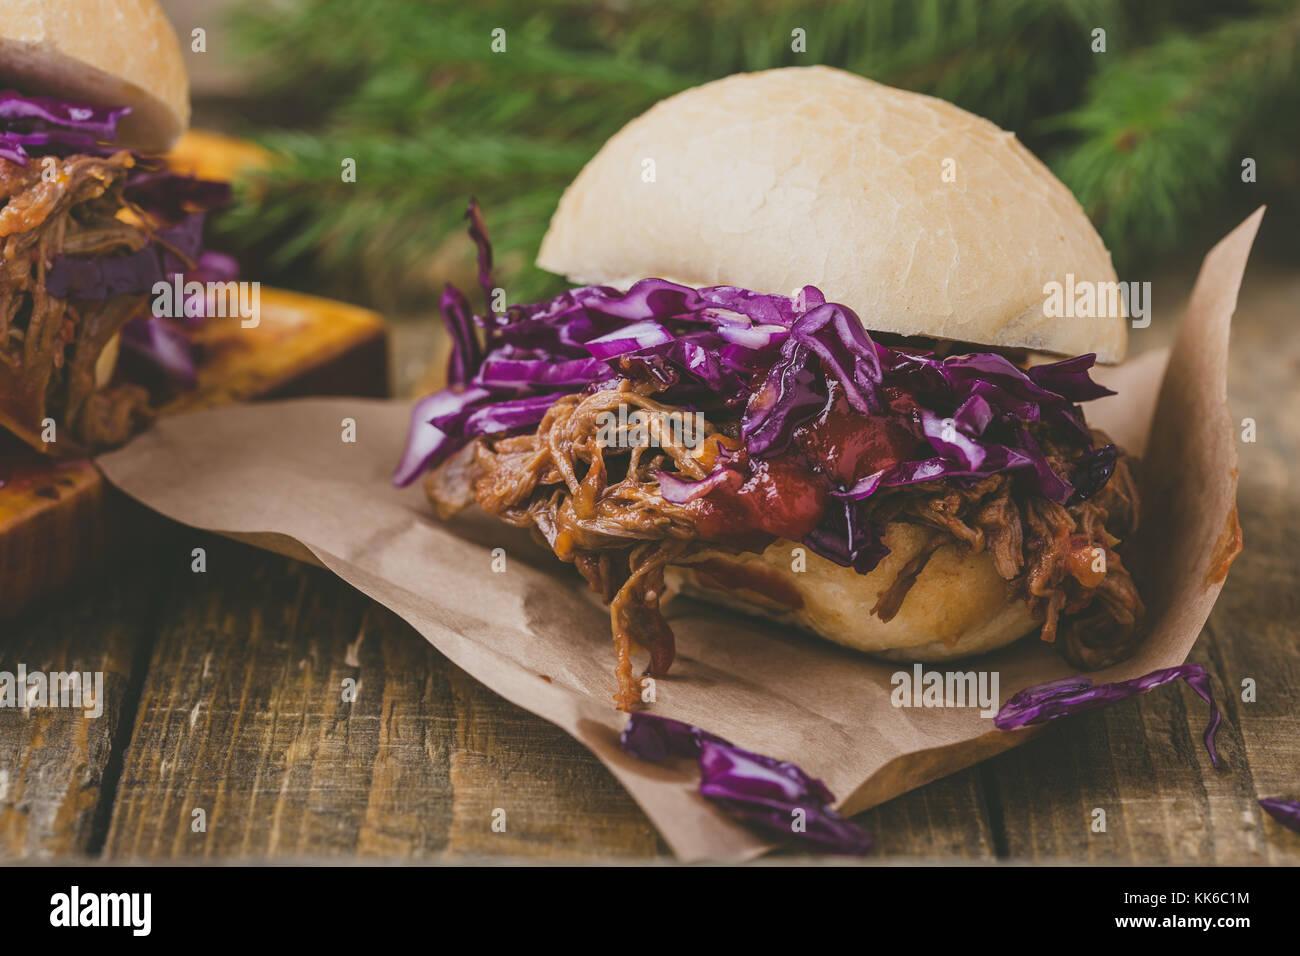 Burger De Boeuf Barbecue Fait Maison Avec Salade Croquante De Chou - Photo barbecue fait maison